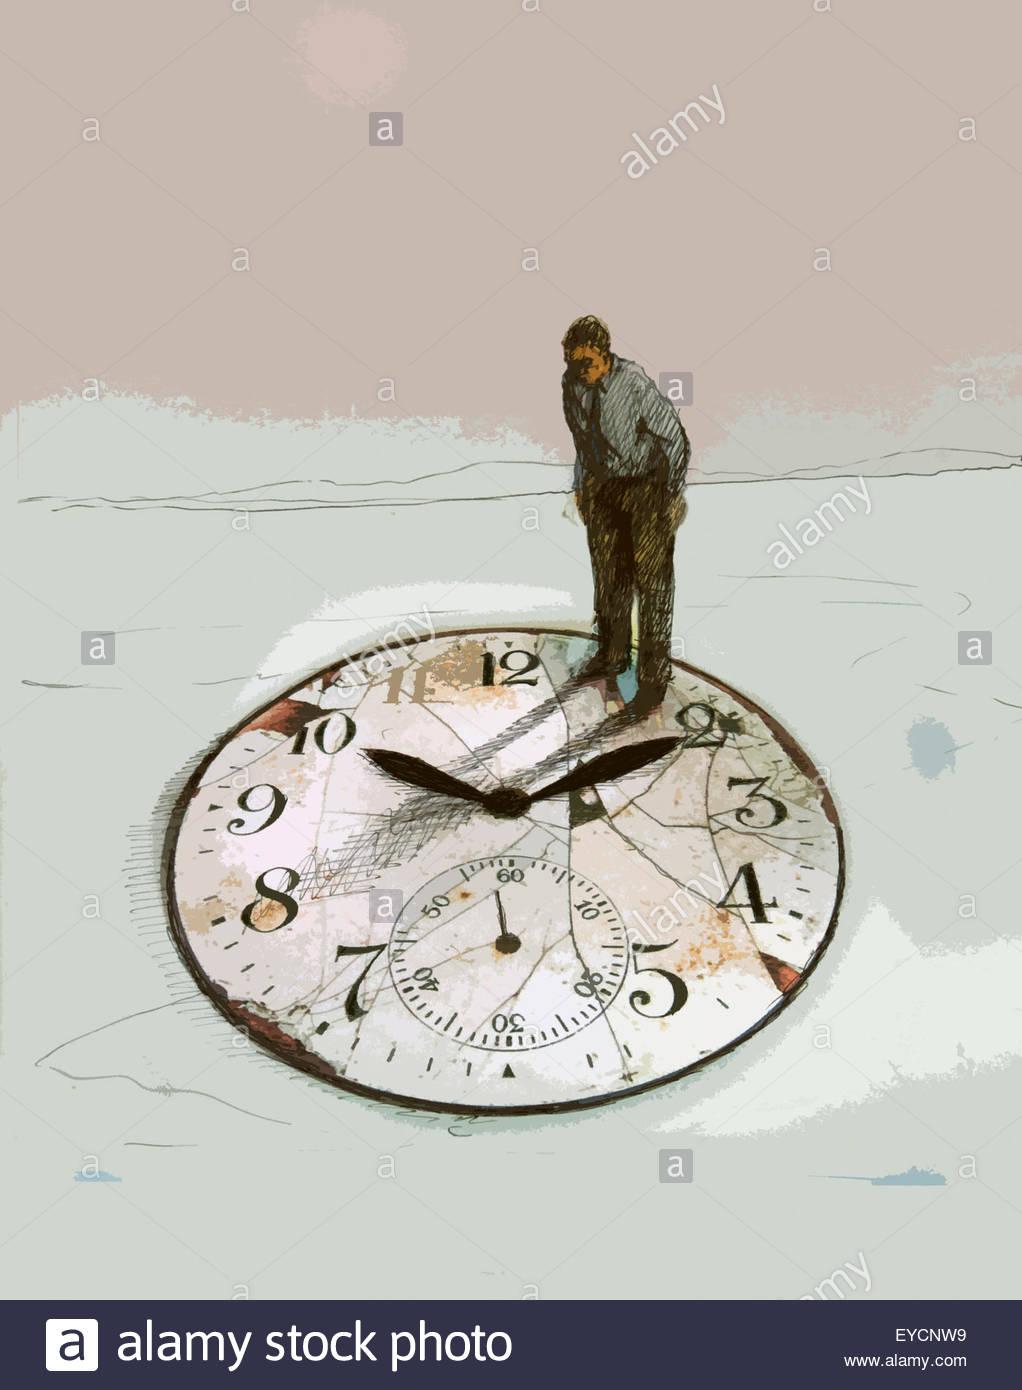 Empresario senior de pie en la parte superior de gran reloj desmorona Imagen De Stock